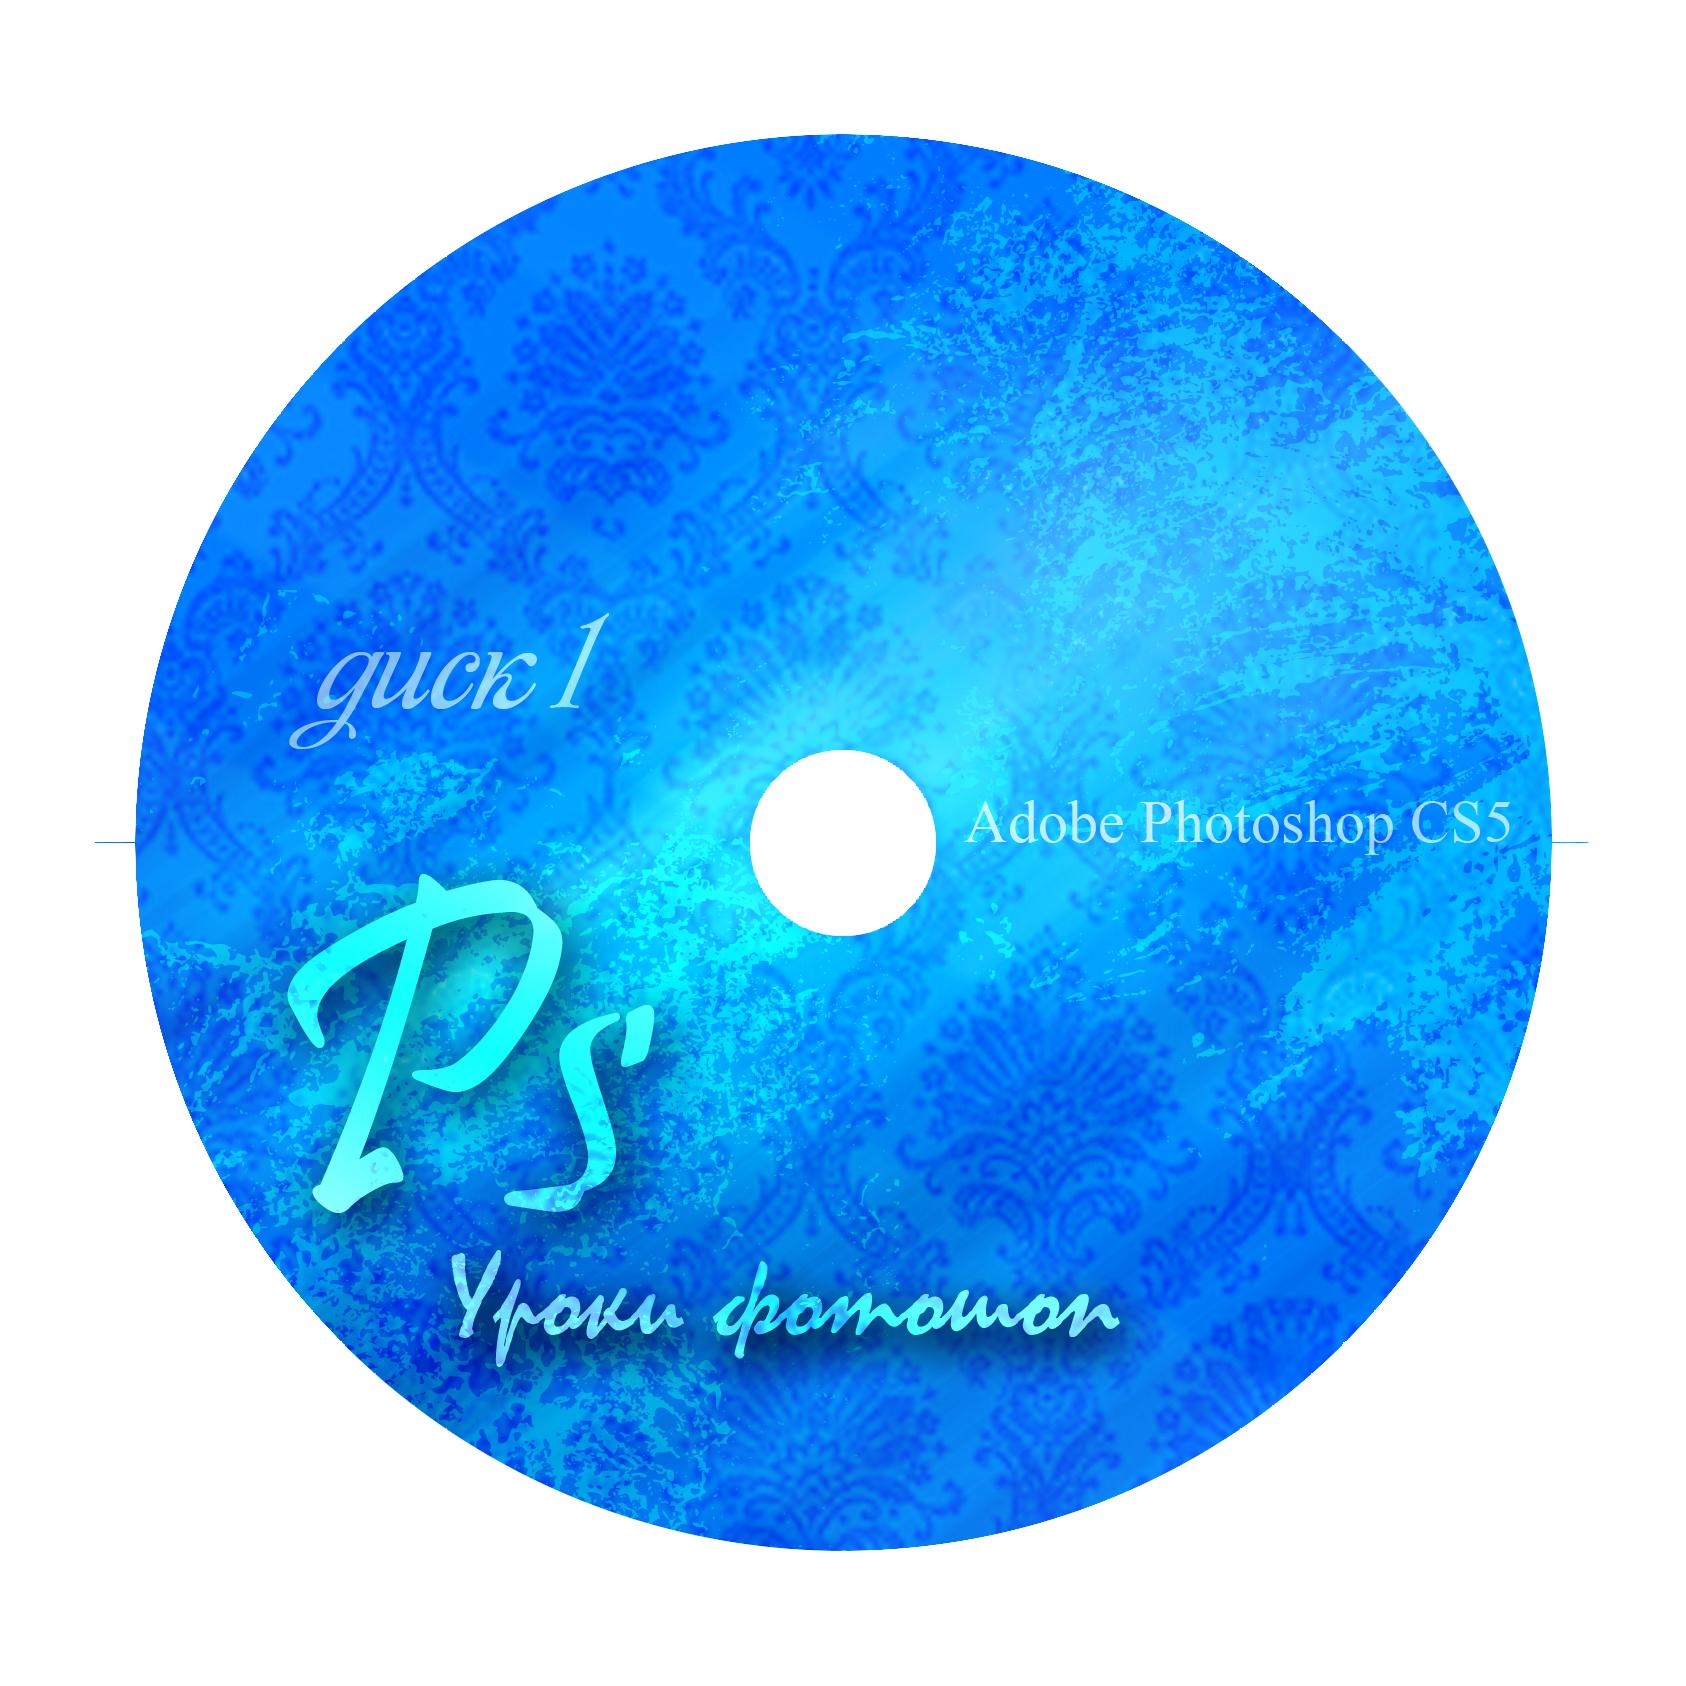 Создание дизайна DVD релиза (обложка, накатка, меню и т.п.) фото f_4d8a569b33dd0.jpg